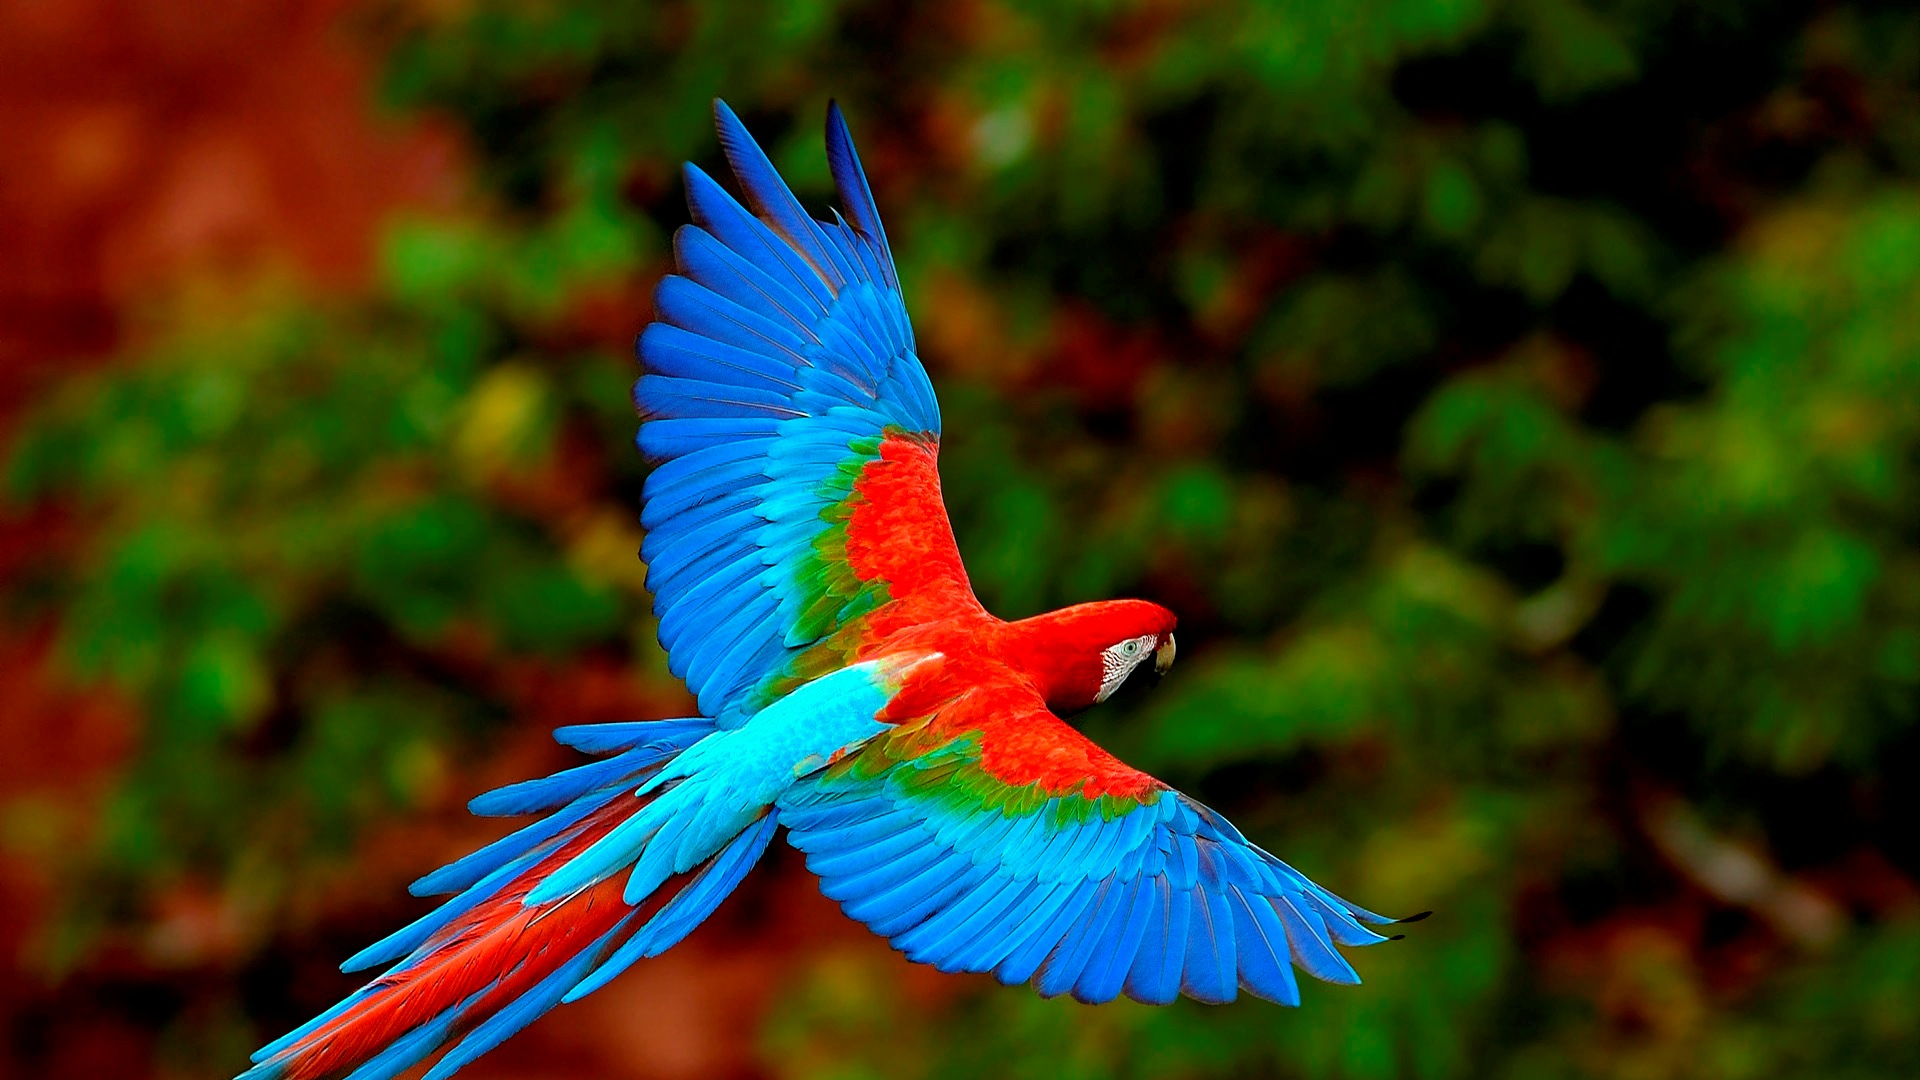 I 10 sfondi per pc di questa settimana 07 09 12 13 10 for Immagini desktop natura